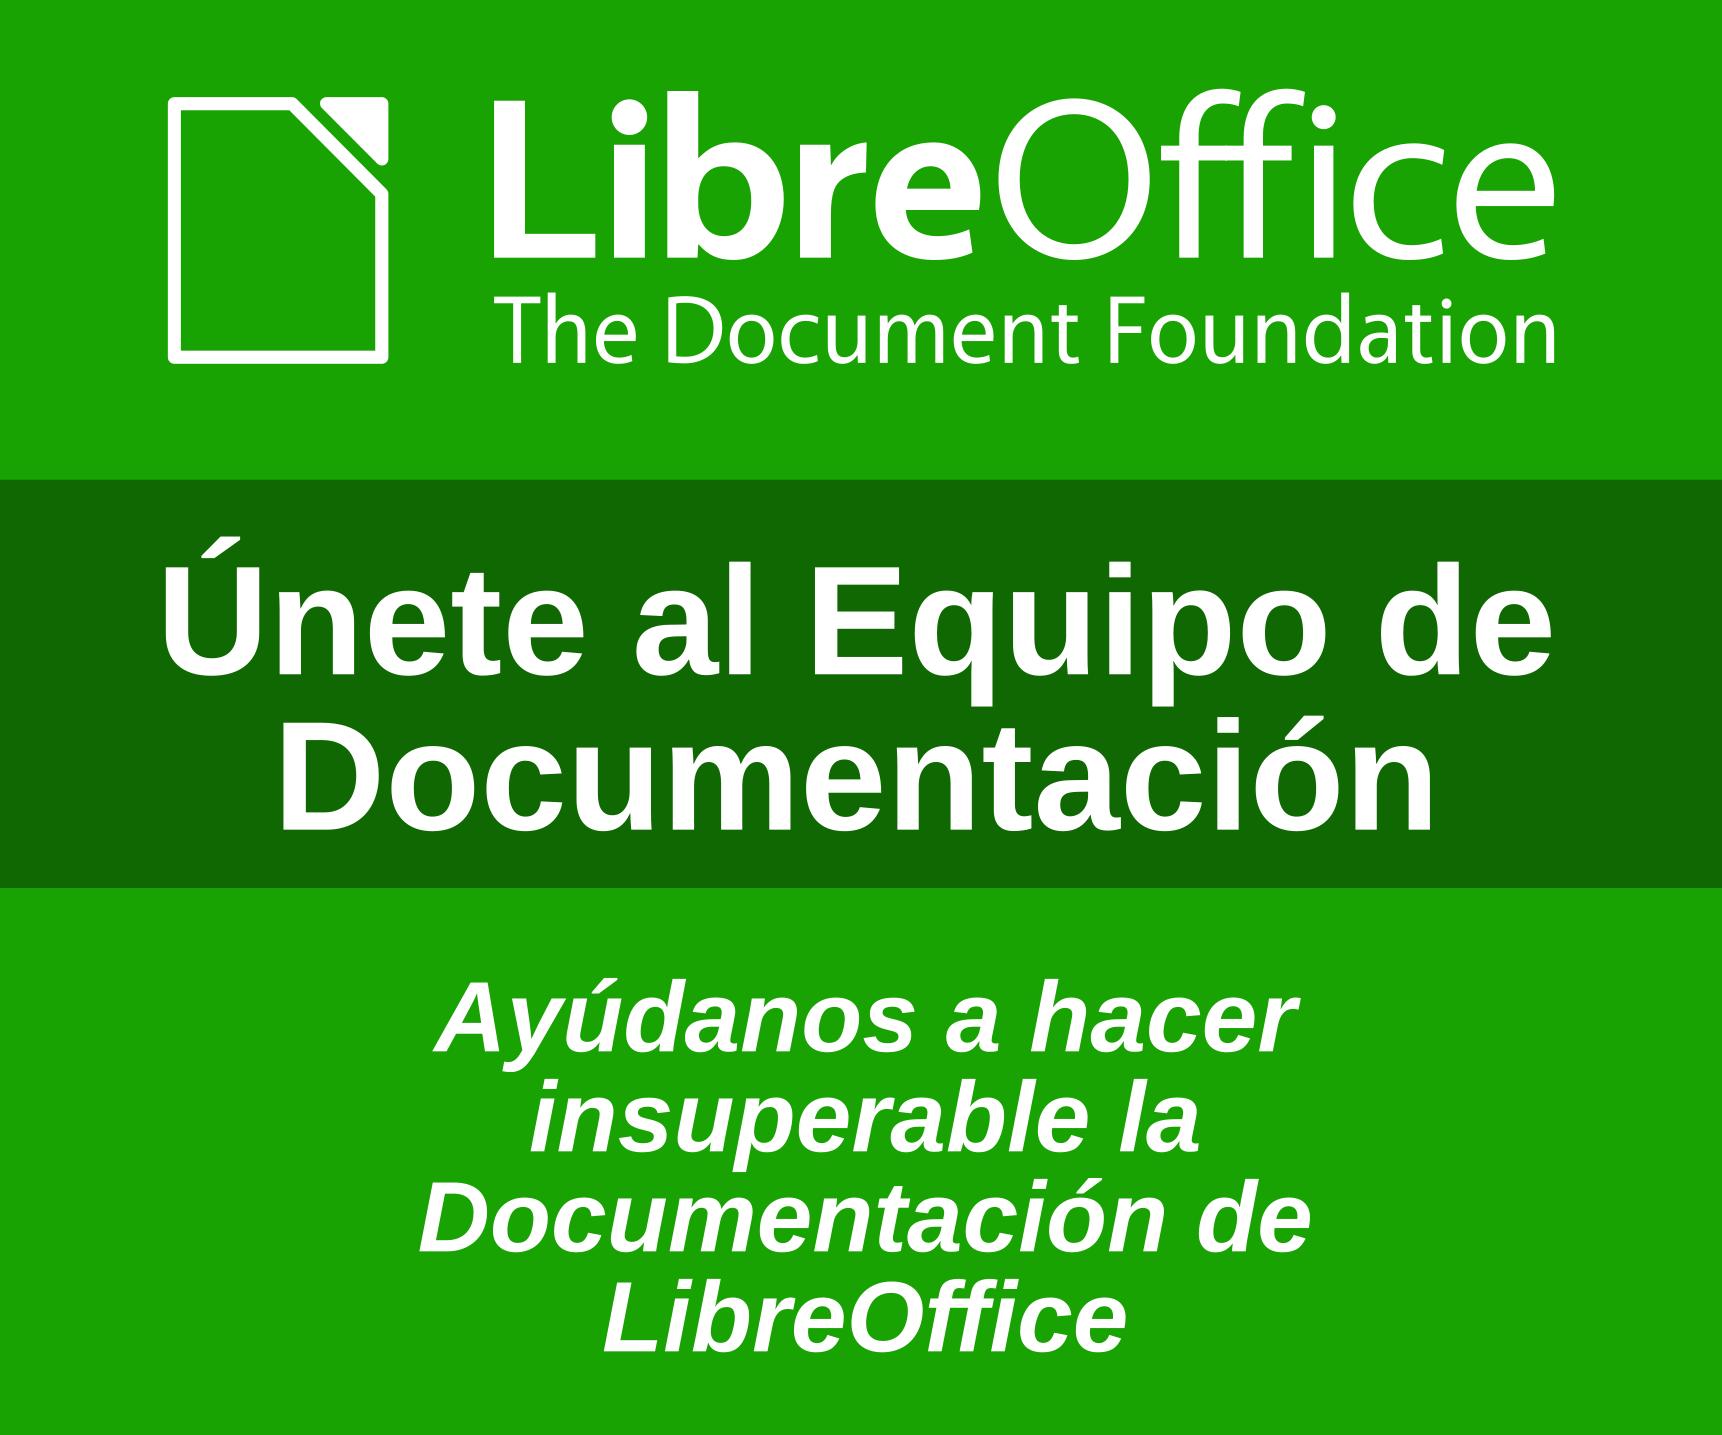 Documentación LibreOffice en español